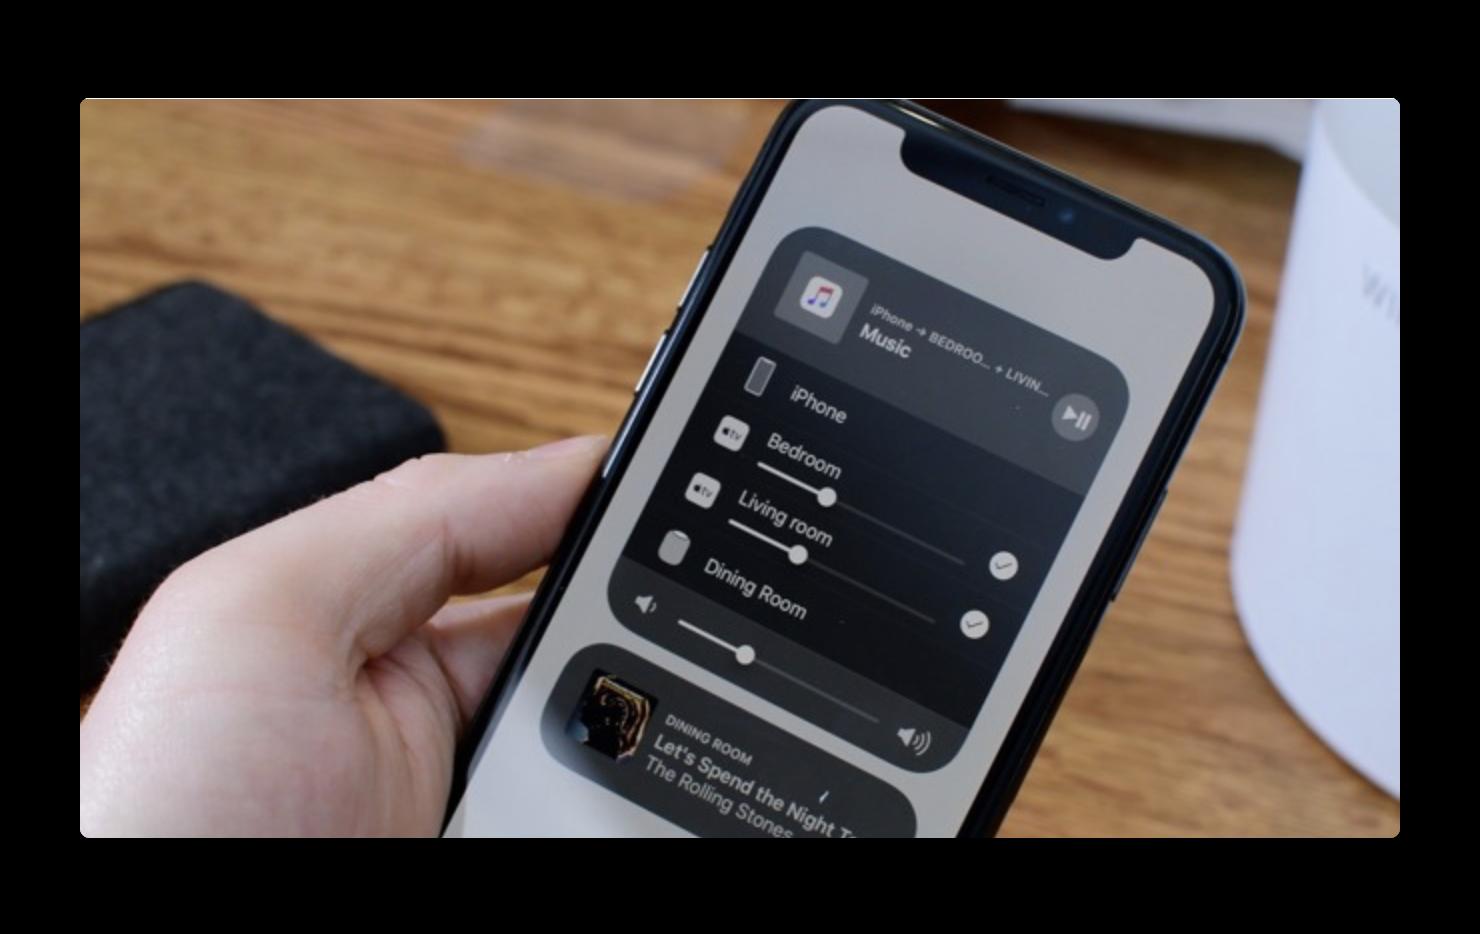 はやくも、iOS 11.4の新機能がわかるビデオが公開される